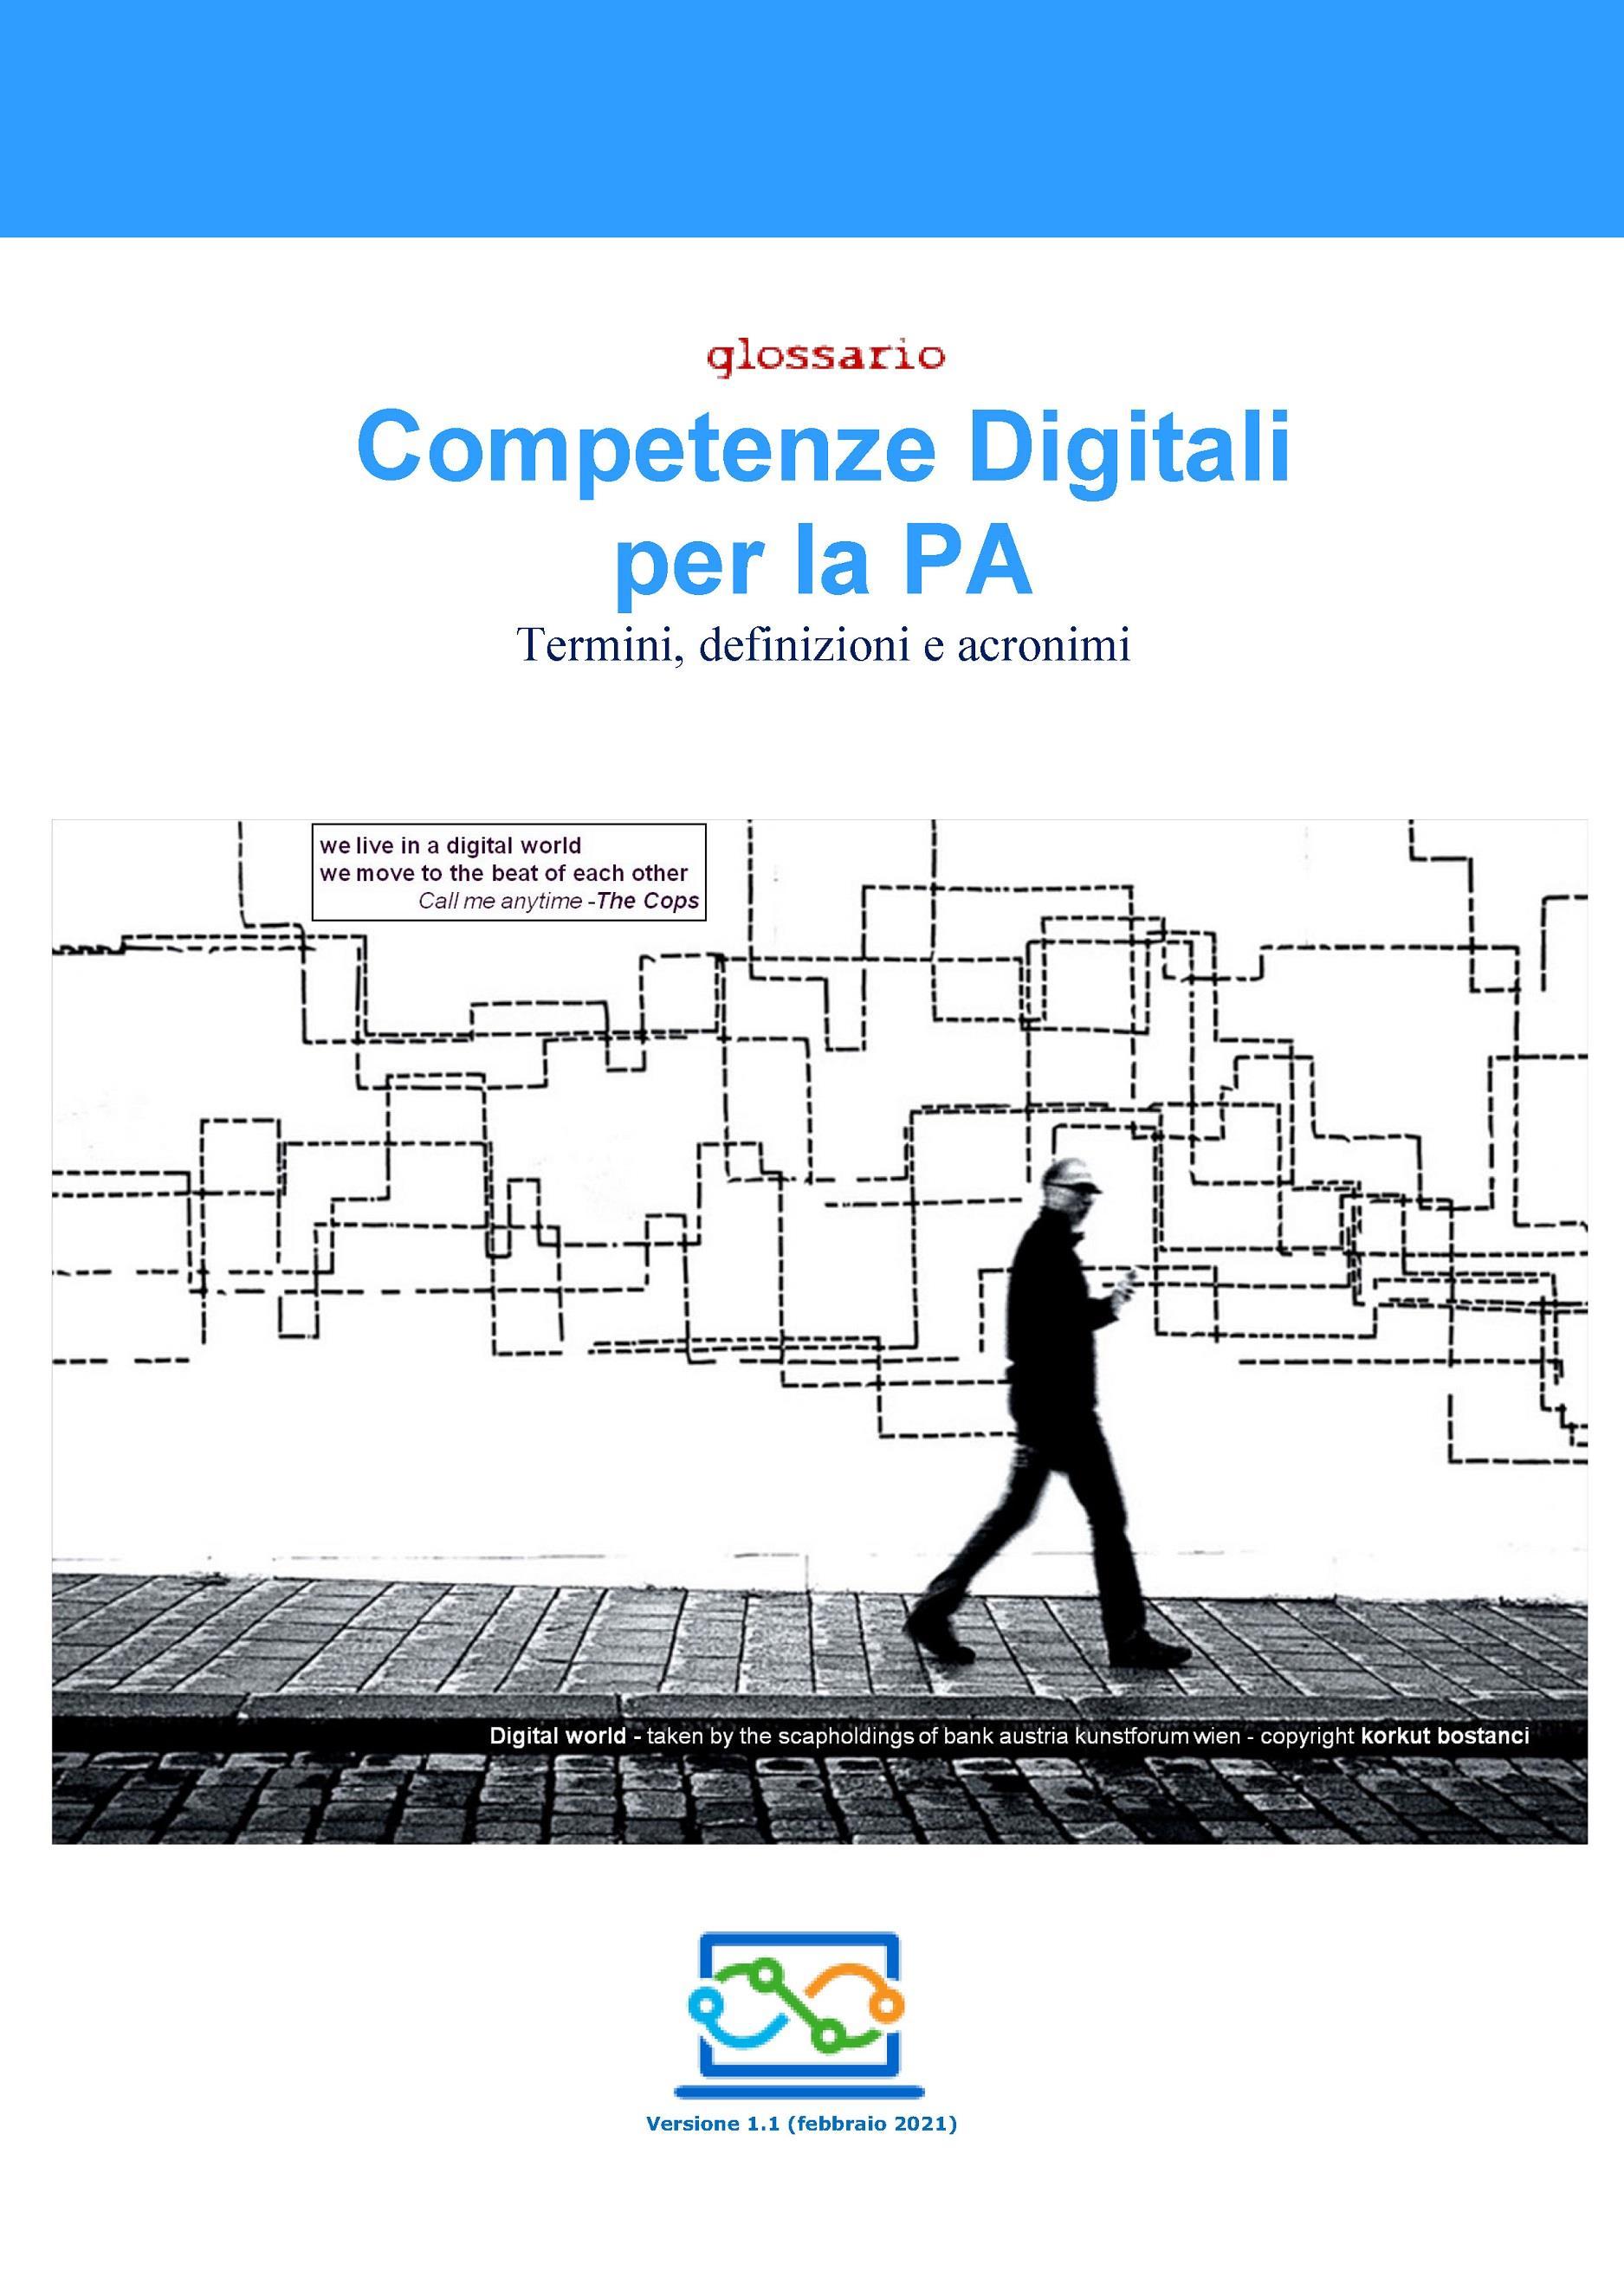 Competenze Digitali per la PA - Termini, definizioni e acronimi